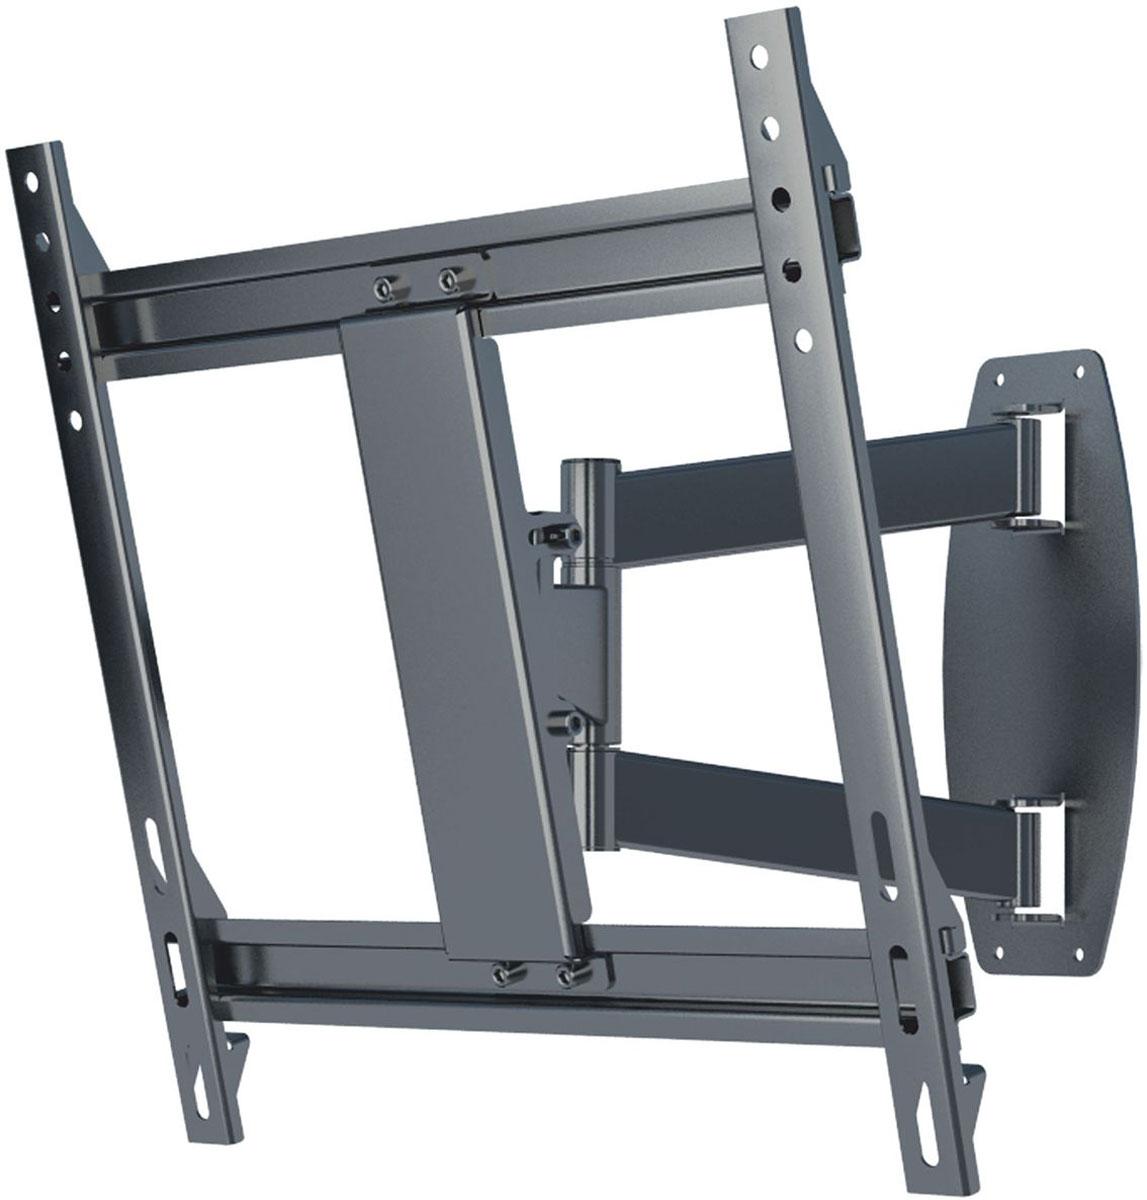 Mart 506S, Grey кронштейн для ТВ1255248Mart 506S - надежный кронштейн для вашего телевизора. Максимальная нагрузка составляет 50 кг, а угол наклона от 0 до 15°. Данный кронштейн поможет организовать пространство в гостиной или любой другой комнате. Ведь гораздо удобнее, когда телевизор установлен не на столе или тумбе, а на стене.